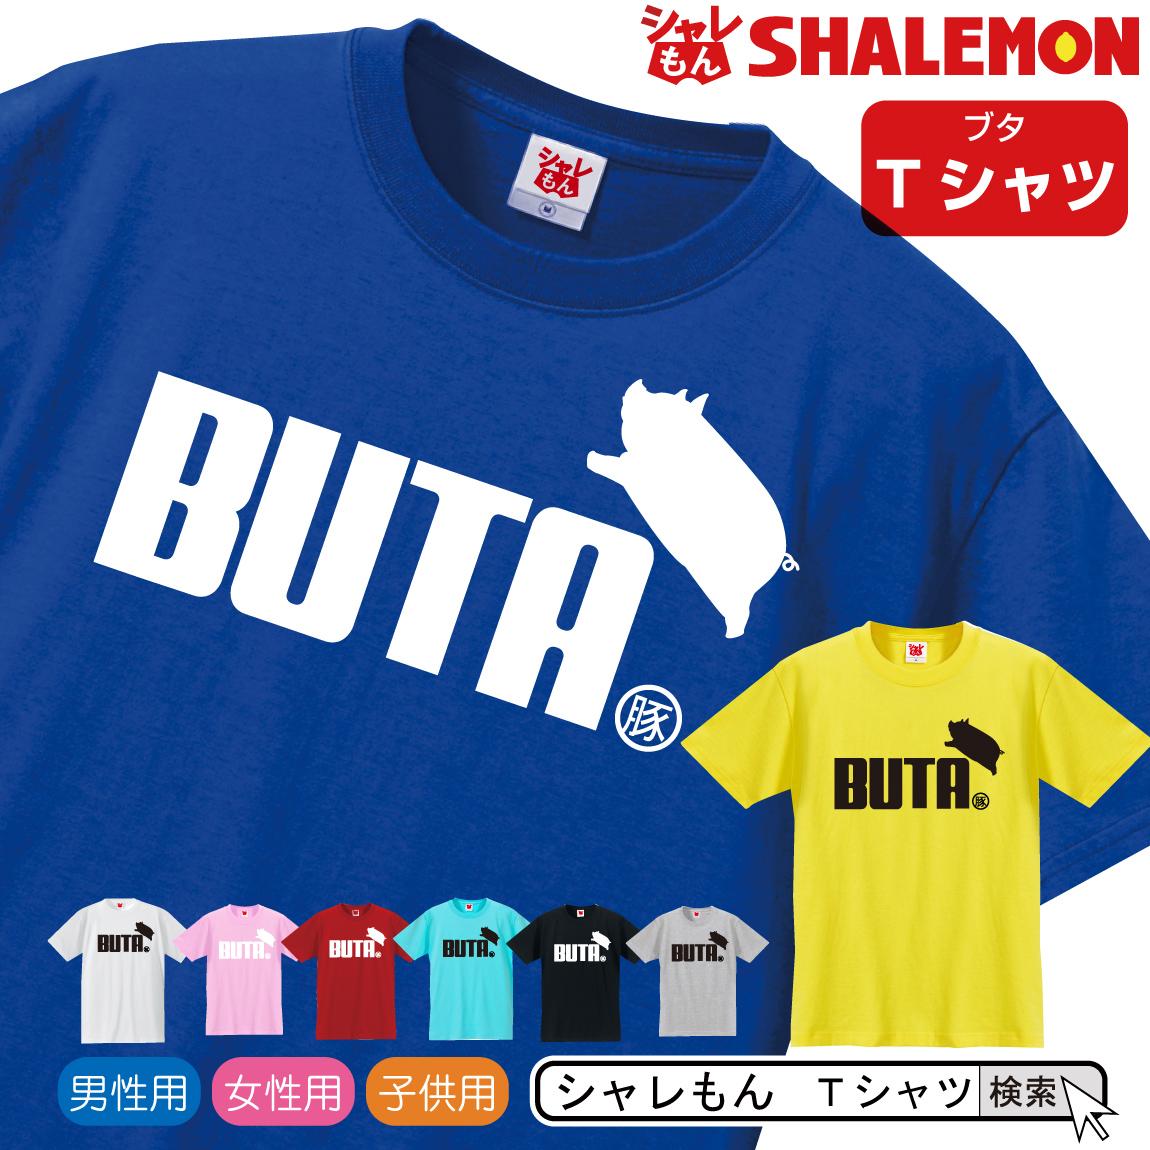 シャレもん アニマル おもしろTシャツ 【 選べる8色 Tシャツ BUTA ジャンプ 】 面白い プレゼント 雑貨 グッズ 男性 女性 子供 半袖 しゃれもん